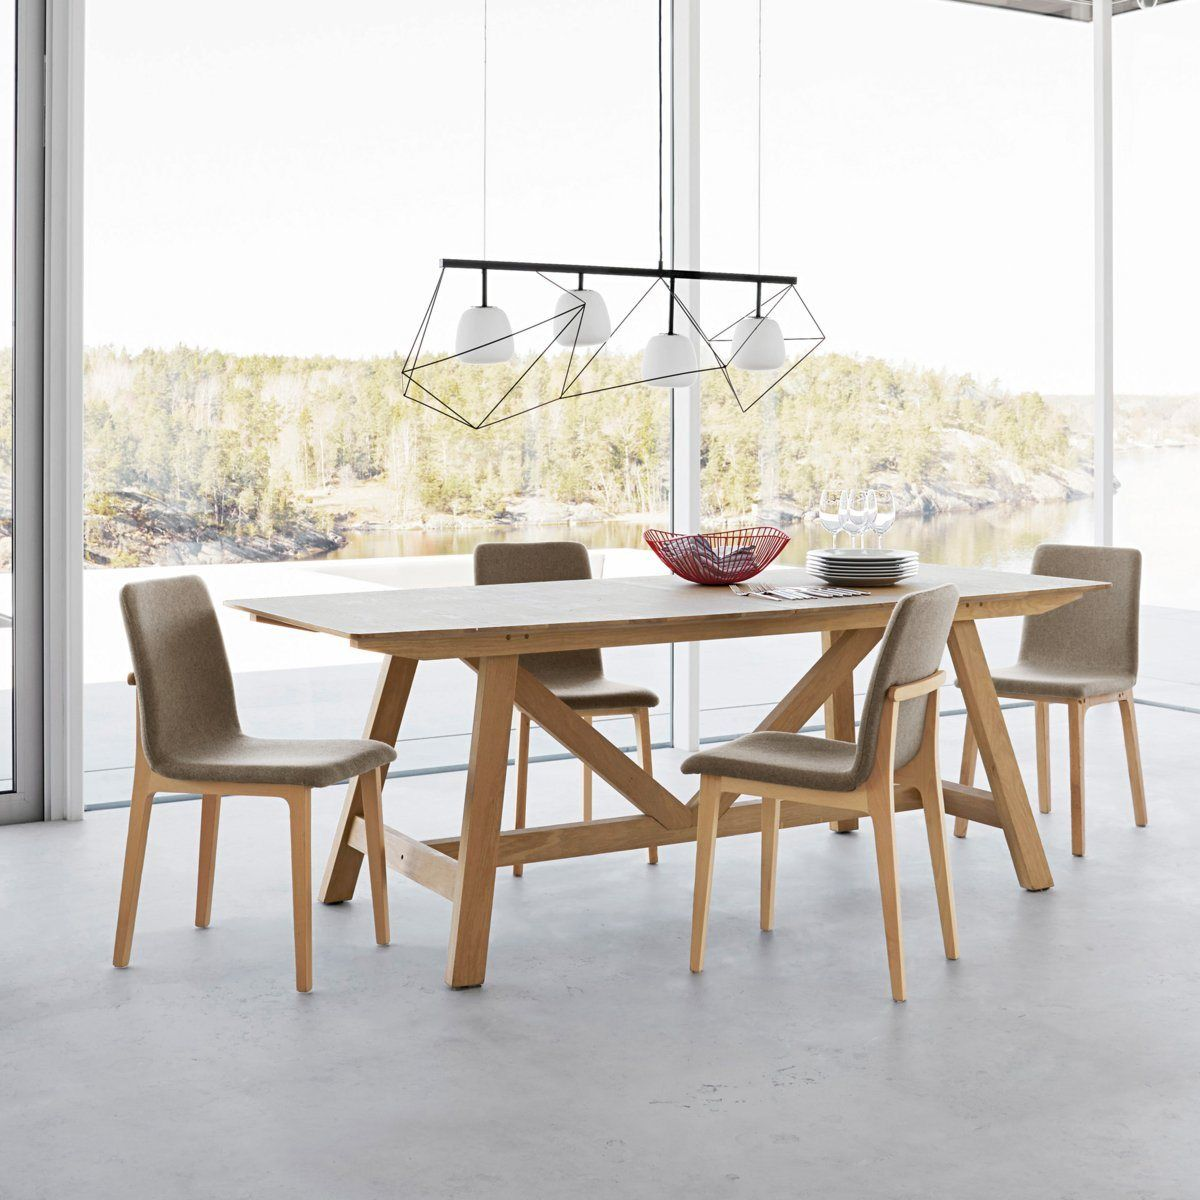 Best Chaise Pour Table En Bois Pictures - Design Trends 2017 ...